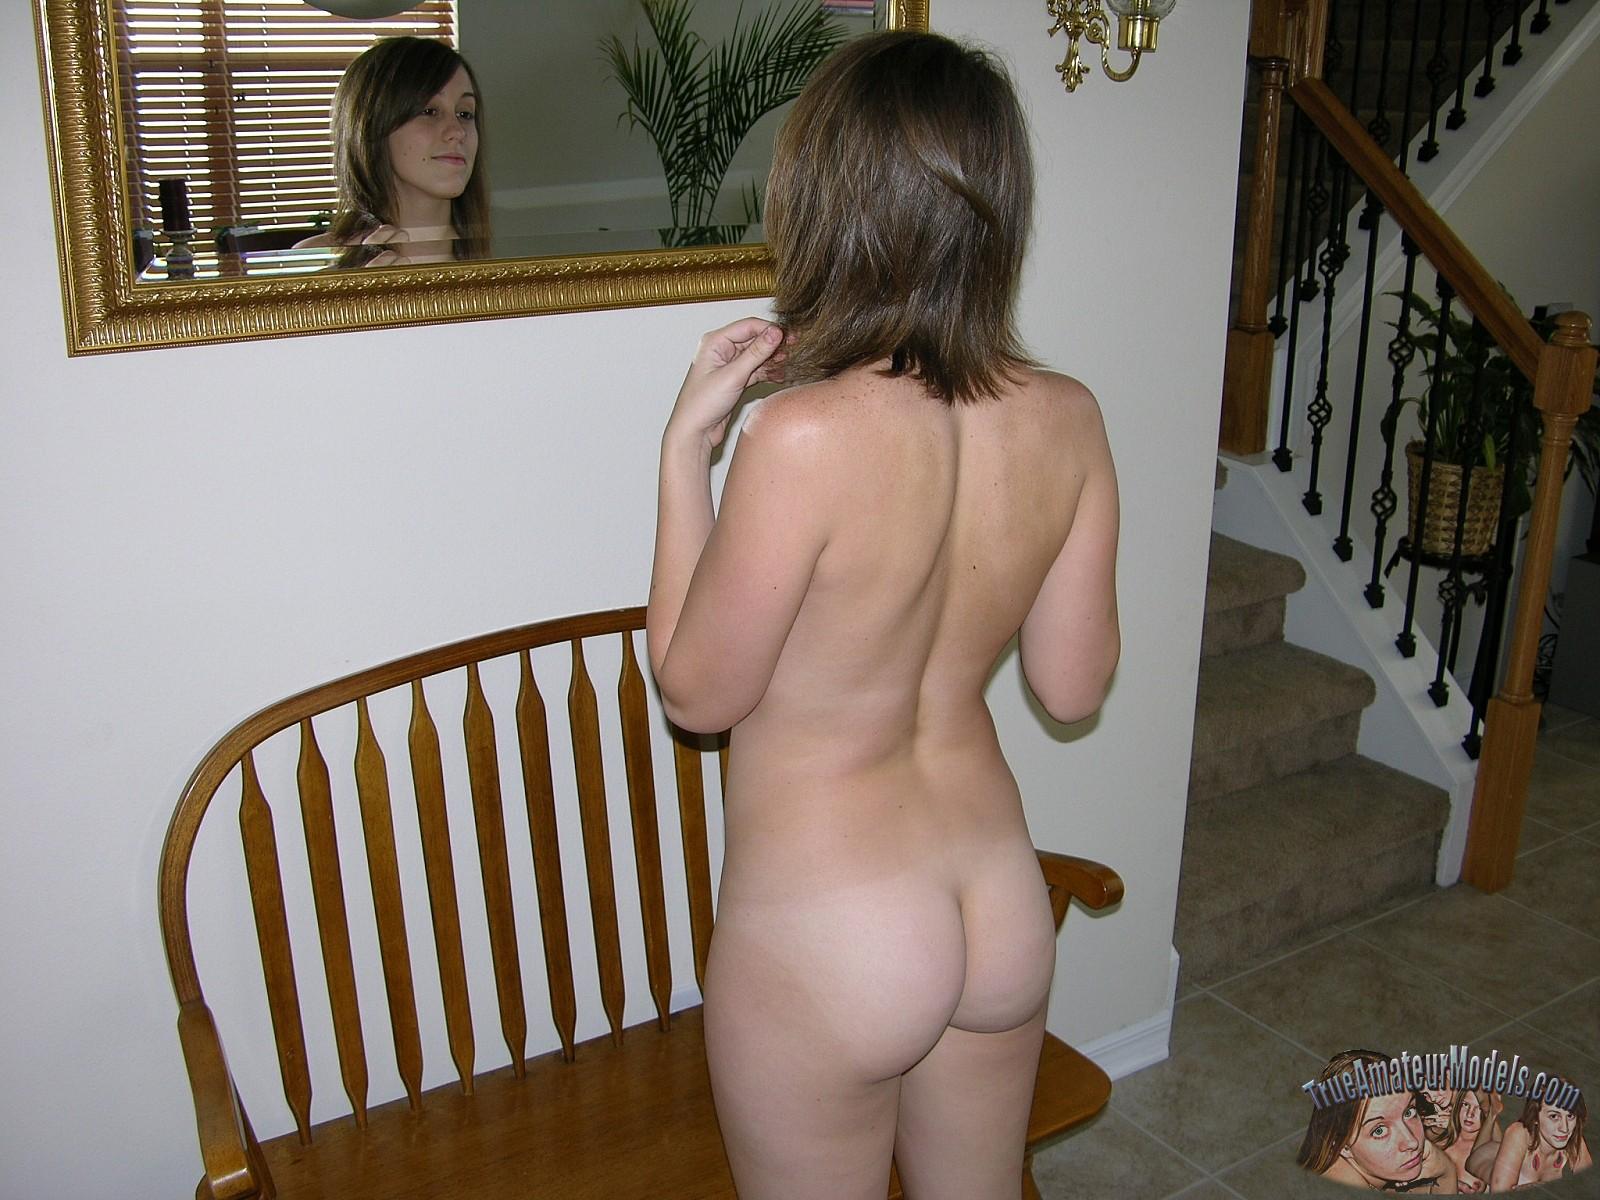 Harries nude mali Mali Harries